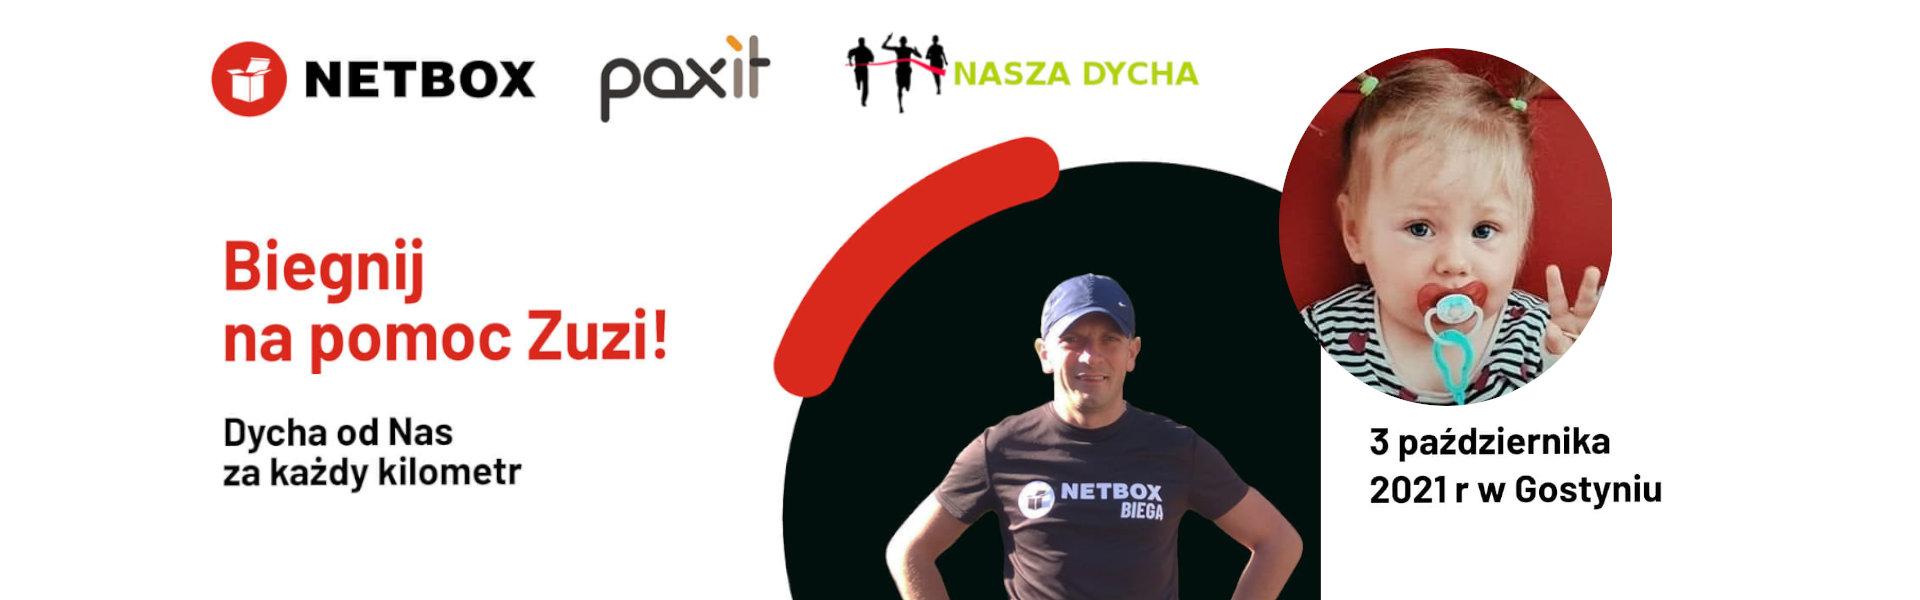 <p>Każdy z nas może pomóc.Dycha za każdy kilometr. Biegnij na pomoc Zuzi!🏃♀️🏃Przed nami kolejna akcja, podczas której będziemy mogli pomóc Zuzi ze Smogorzewa.Co trzeba zrobić? Wystarczy wziąć udział w biegu NASZA DYCHA. Tym razem firmaNetboxprzekaże dychę za każdy przebiegnięty kilometr!Start biegu 3 października, o 14:00 w Gostyniu. Zapisy tylko do […]</p>